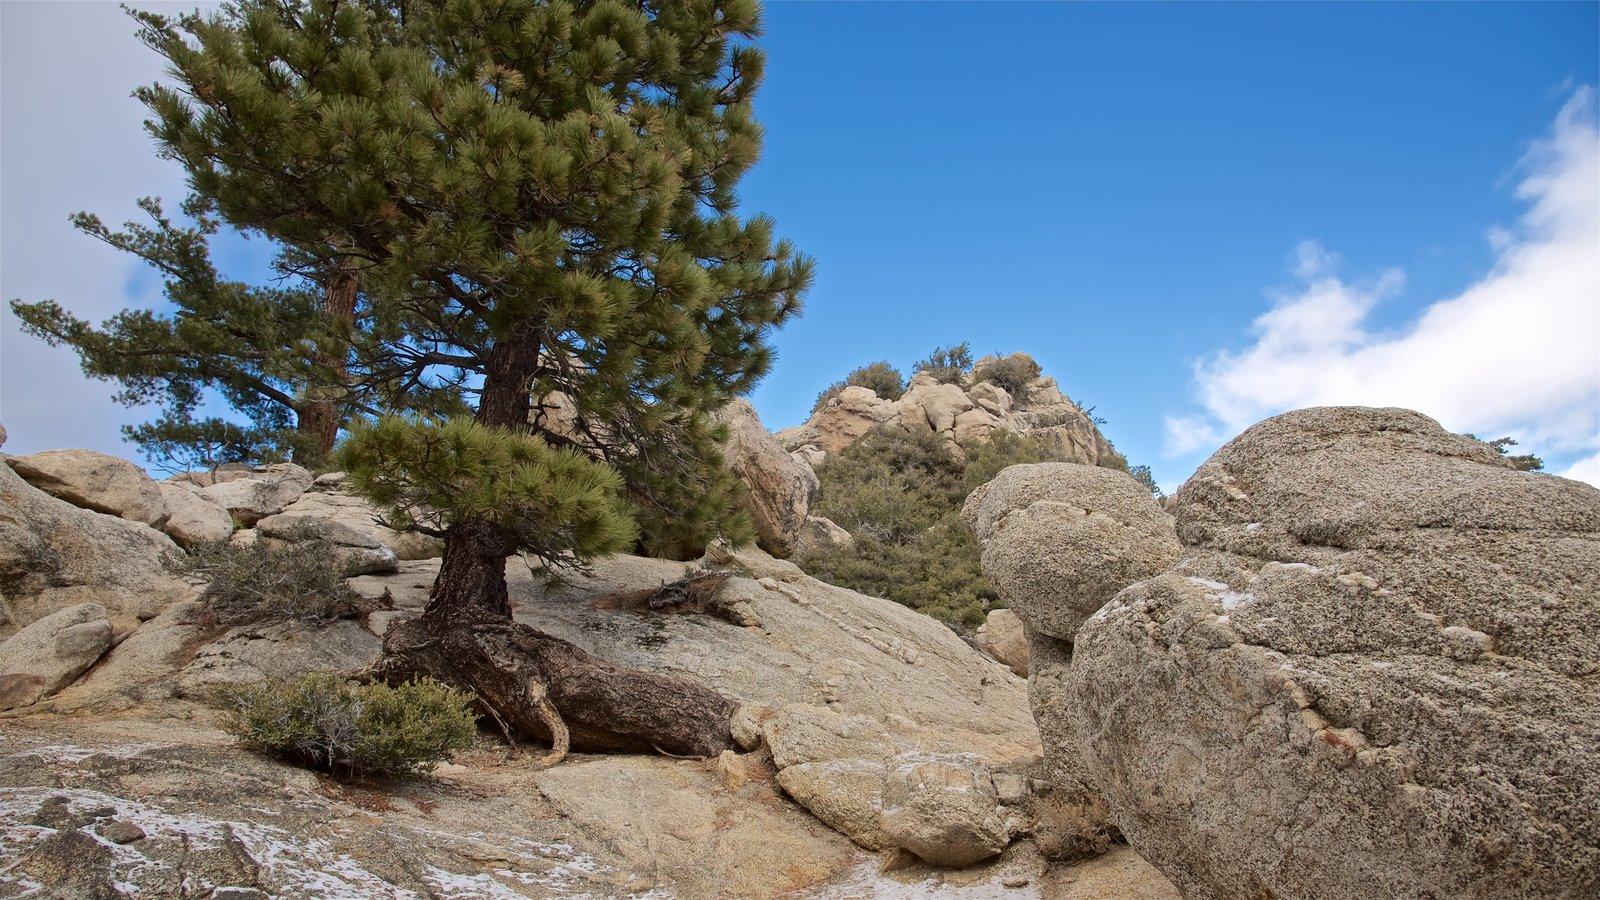 Parque estatal Mount San Jacinto ofreciendo escenas tranquilas